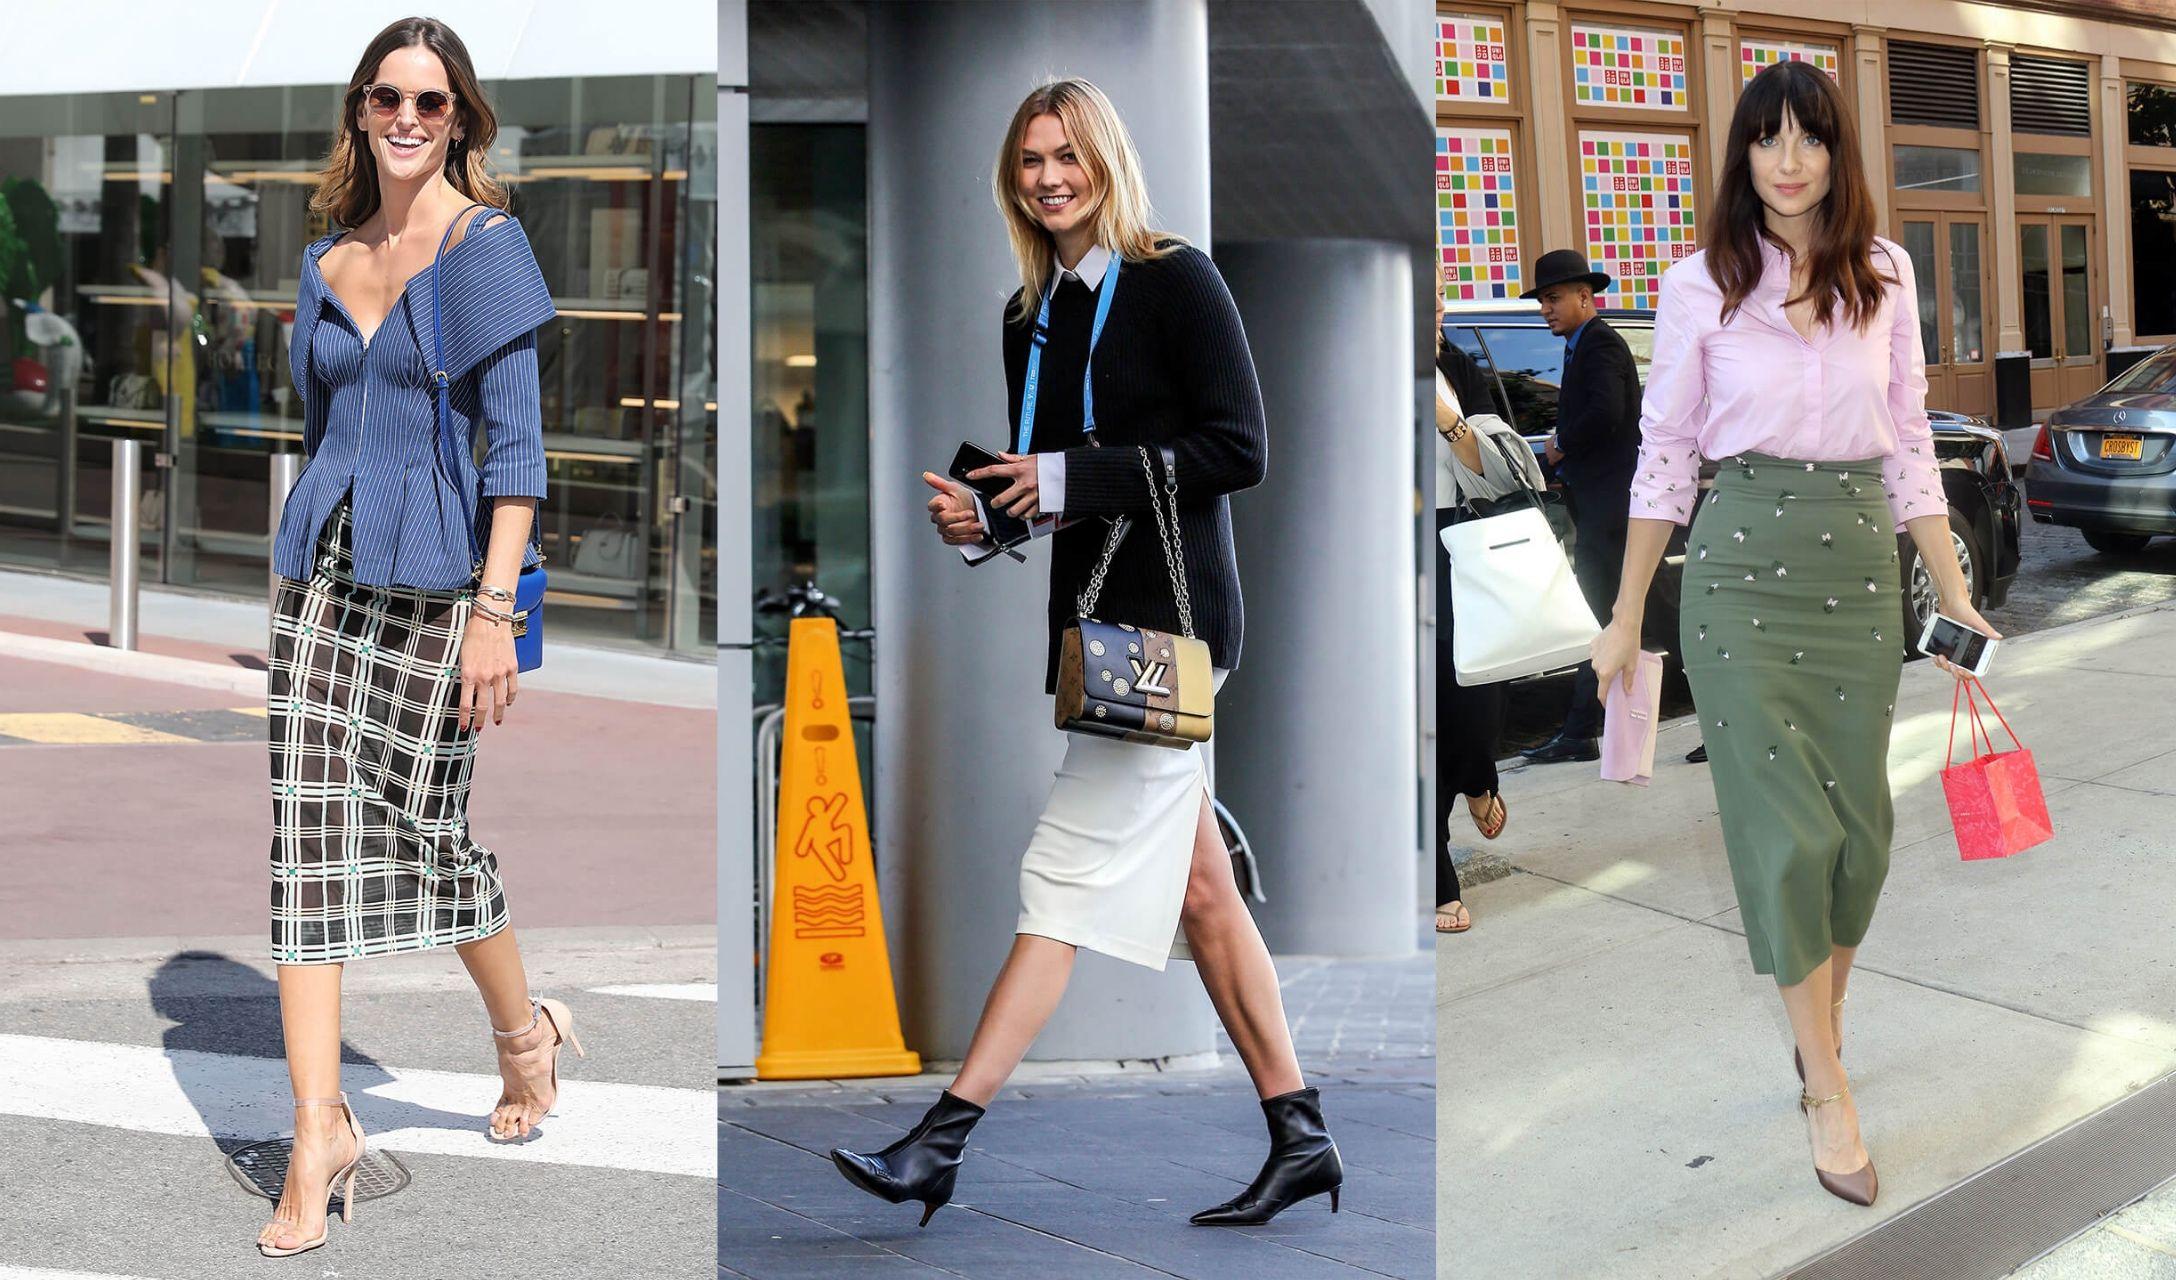 細身のタイトスカートを着こなす海外セレブのストリートスナップ写真